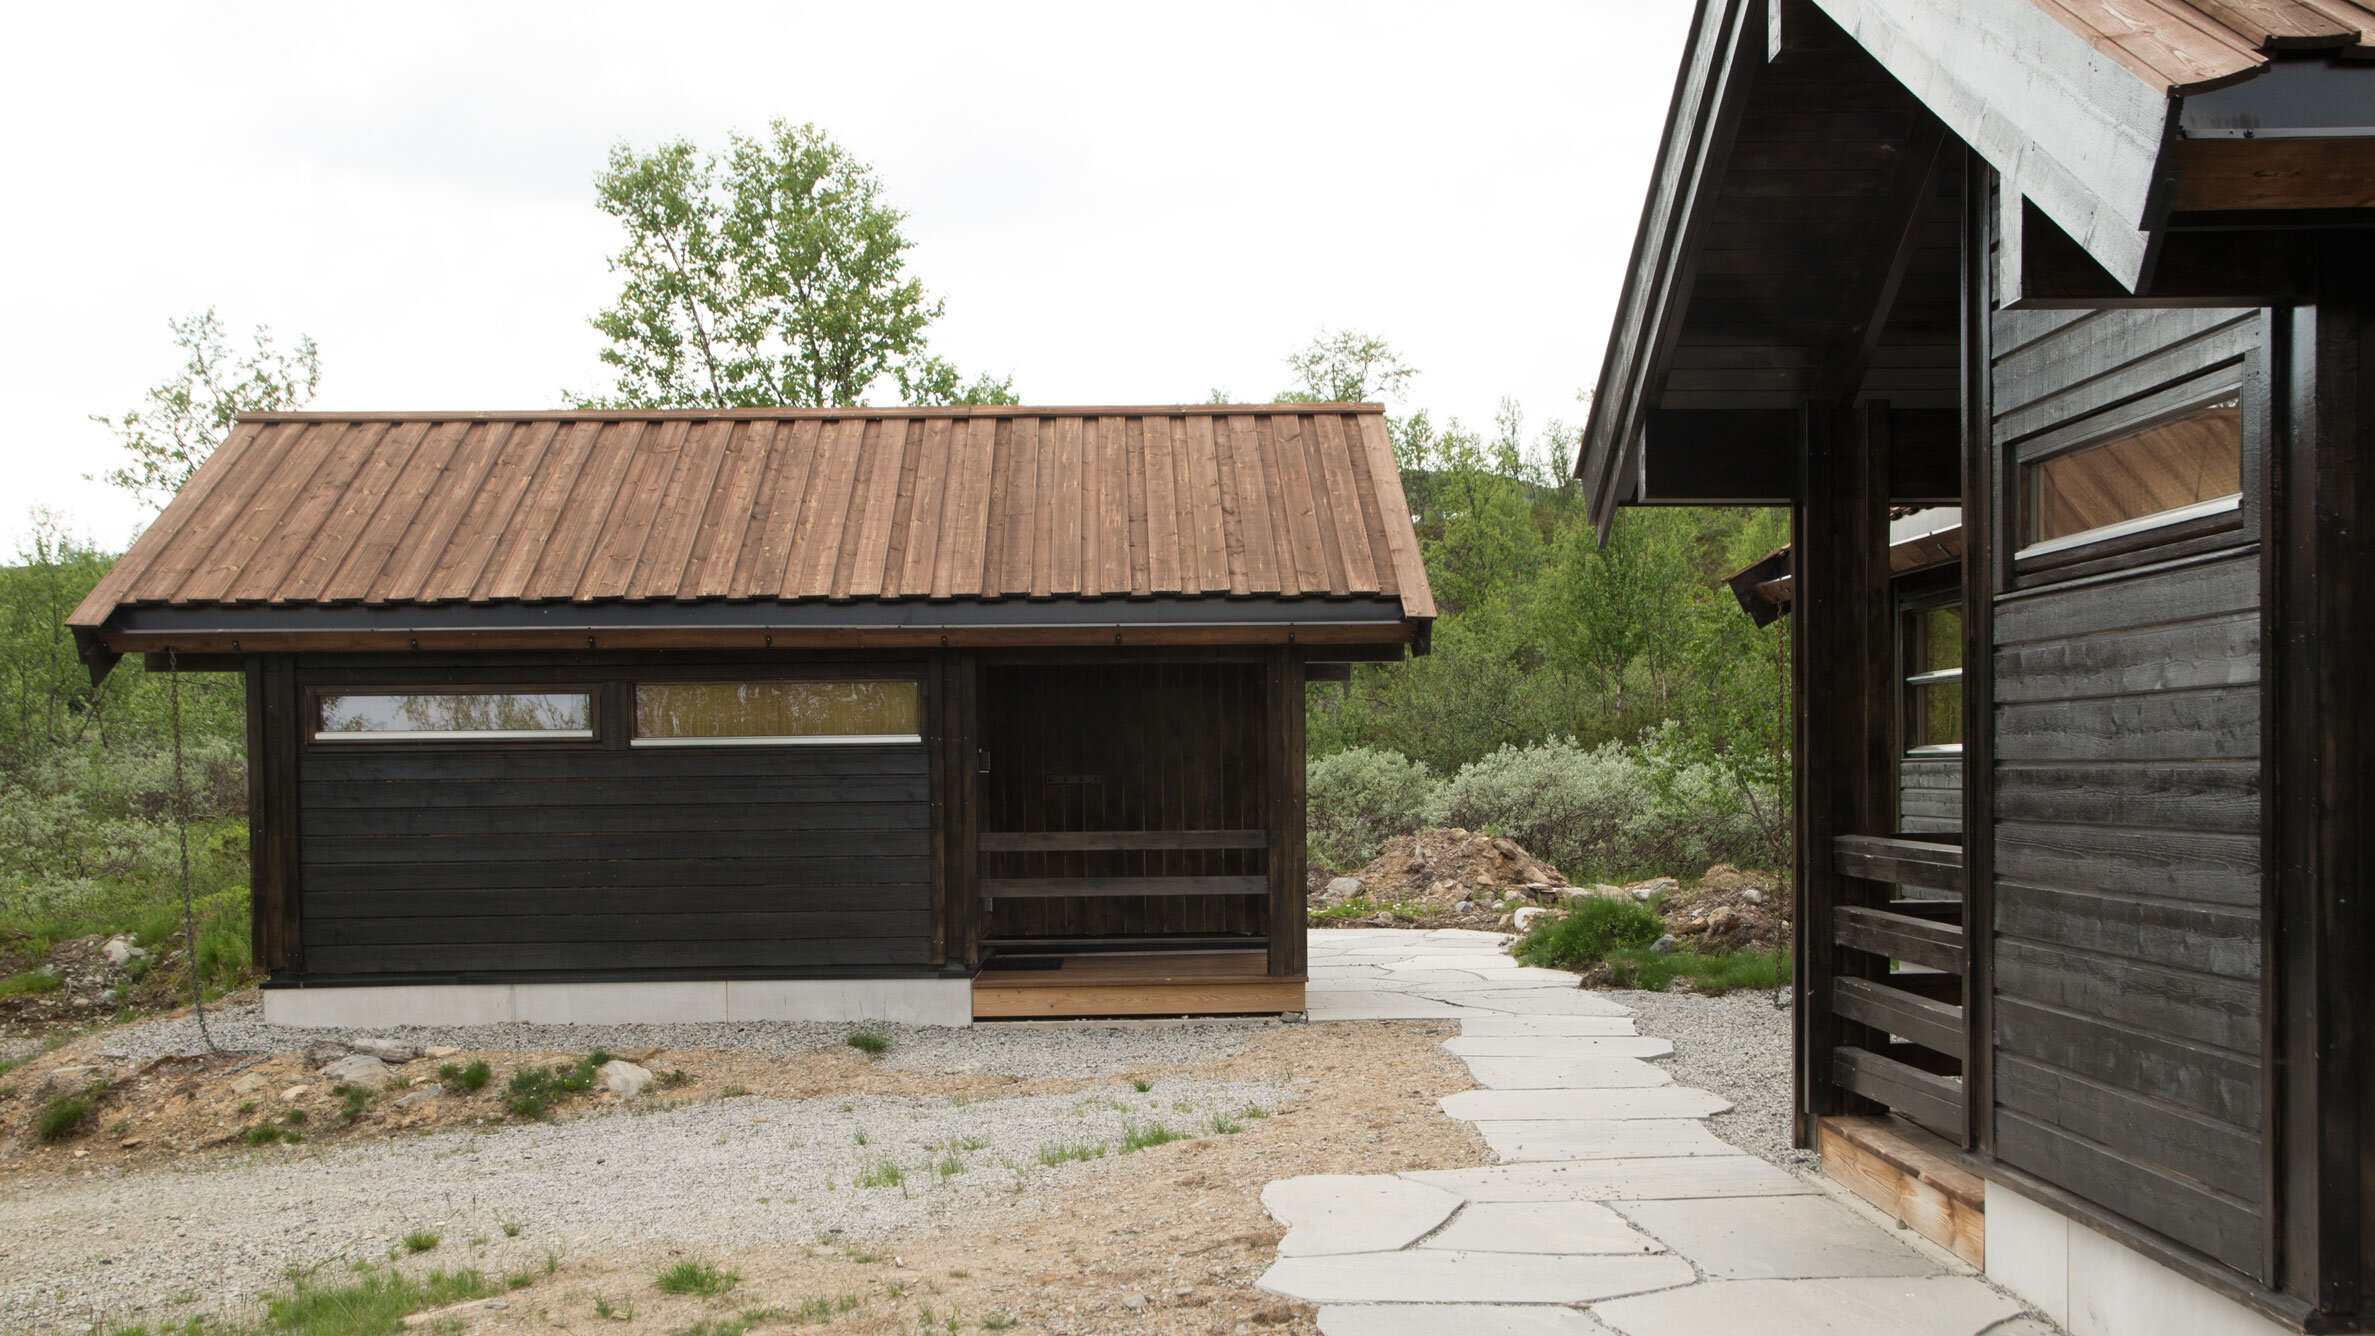 Anneks-17m2-og-inngang-hytte-med-sauestengsel_SVA5330.jpg